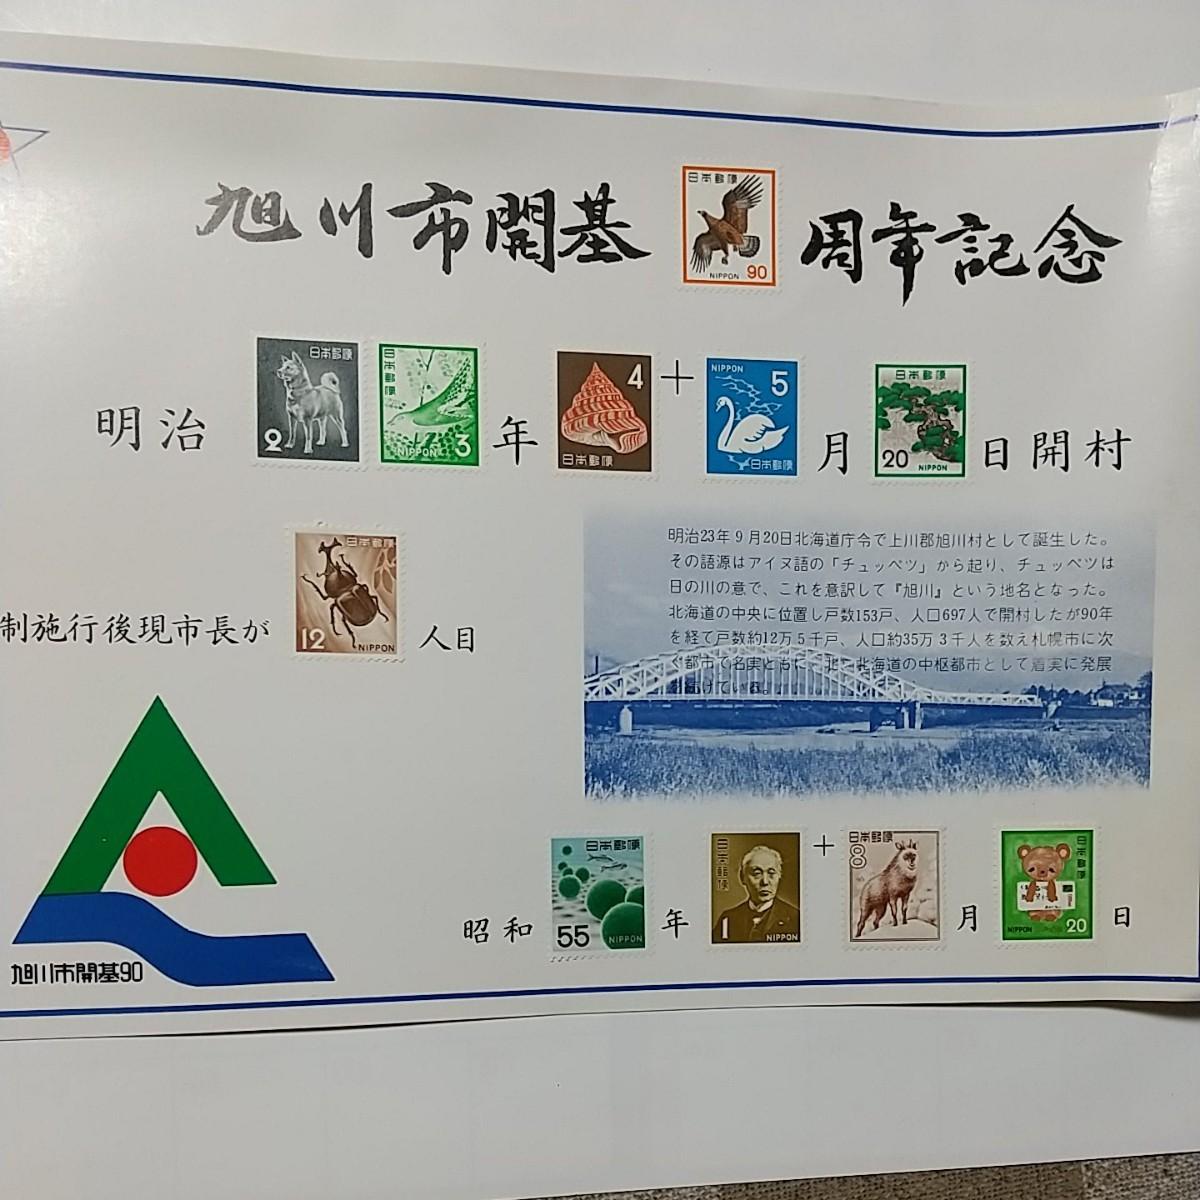 記念切手 切手  旭川市開基90周年記念